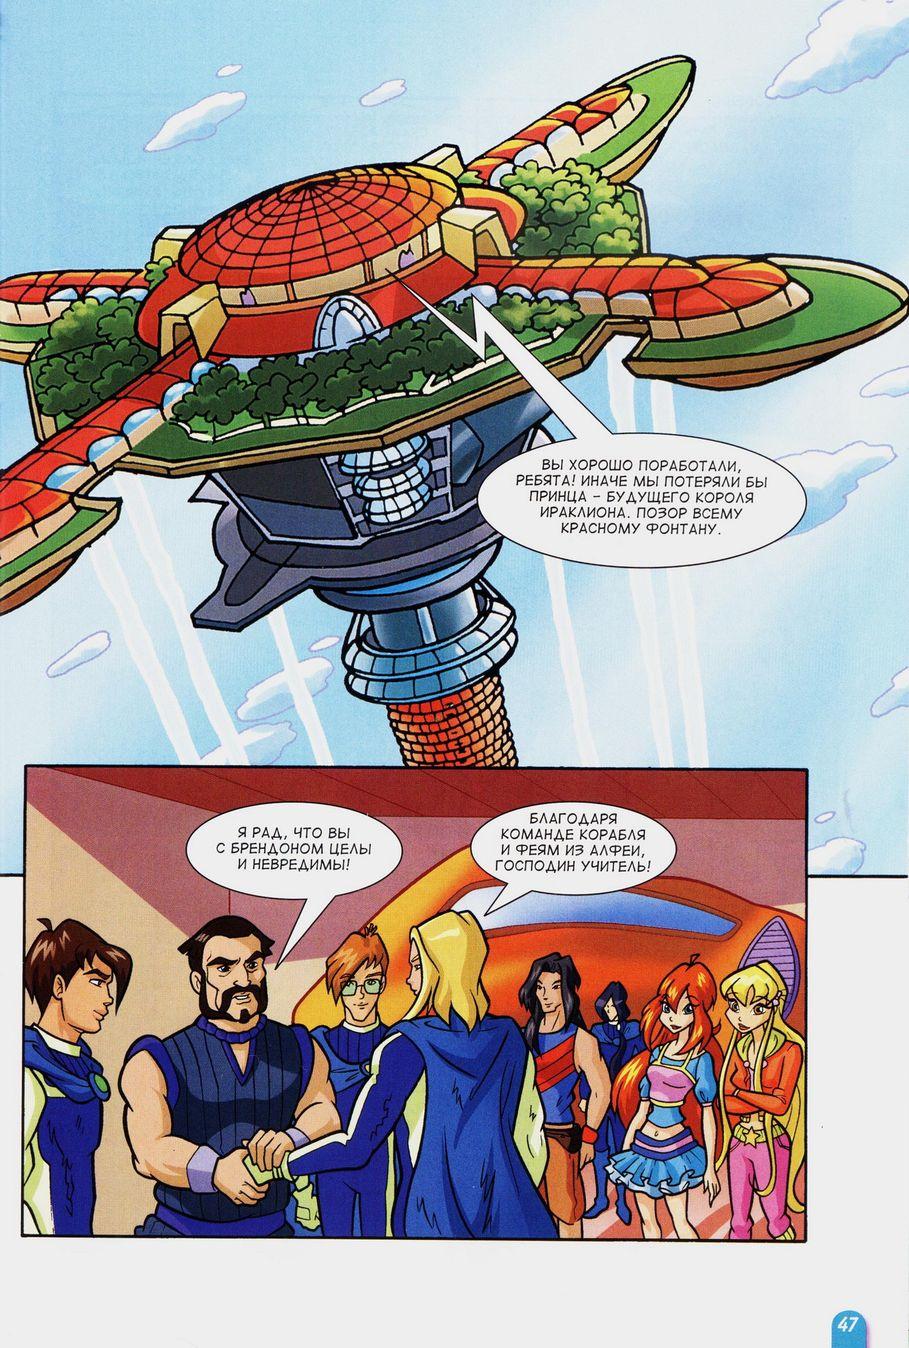 Комикс Винкс Winx - Любовь и долг (Журнал Винкс №2 2011) - стр. 47